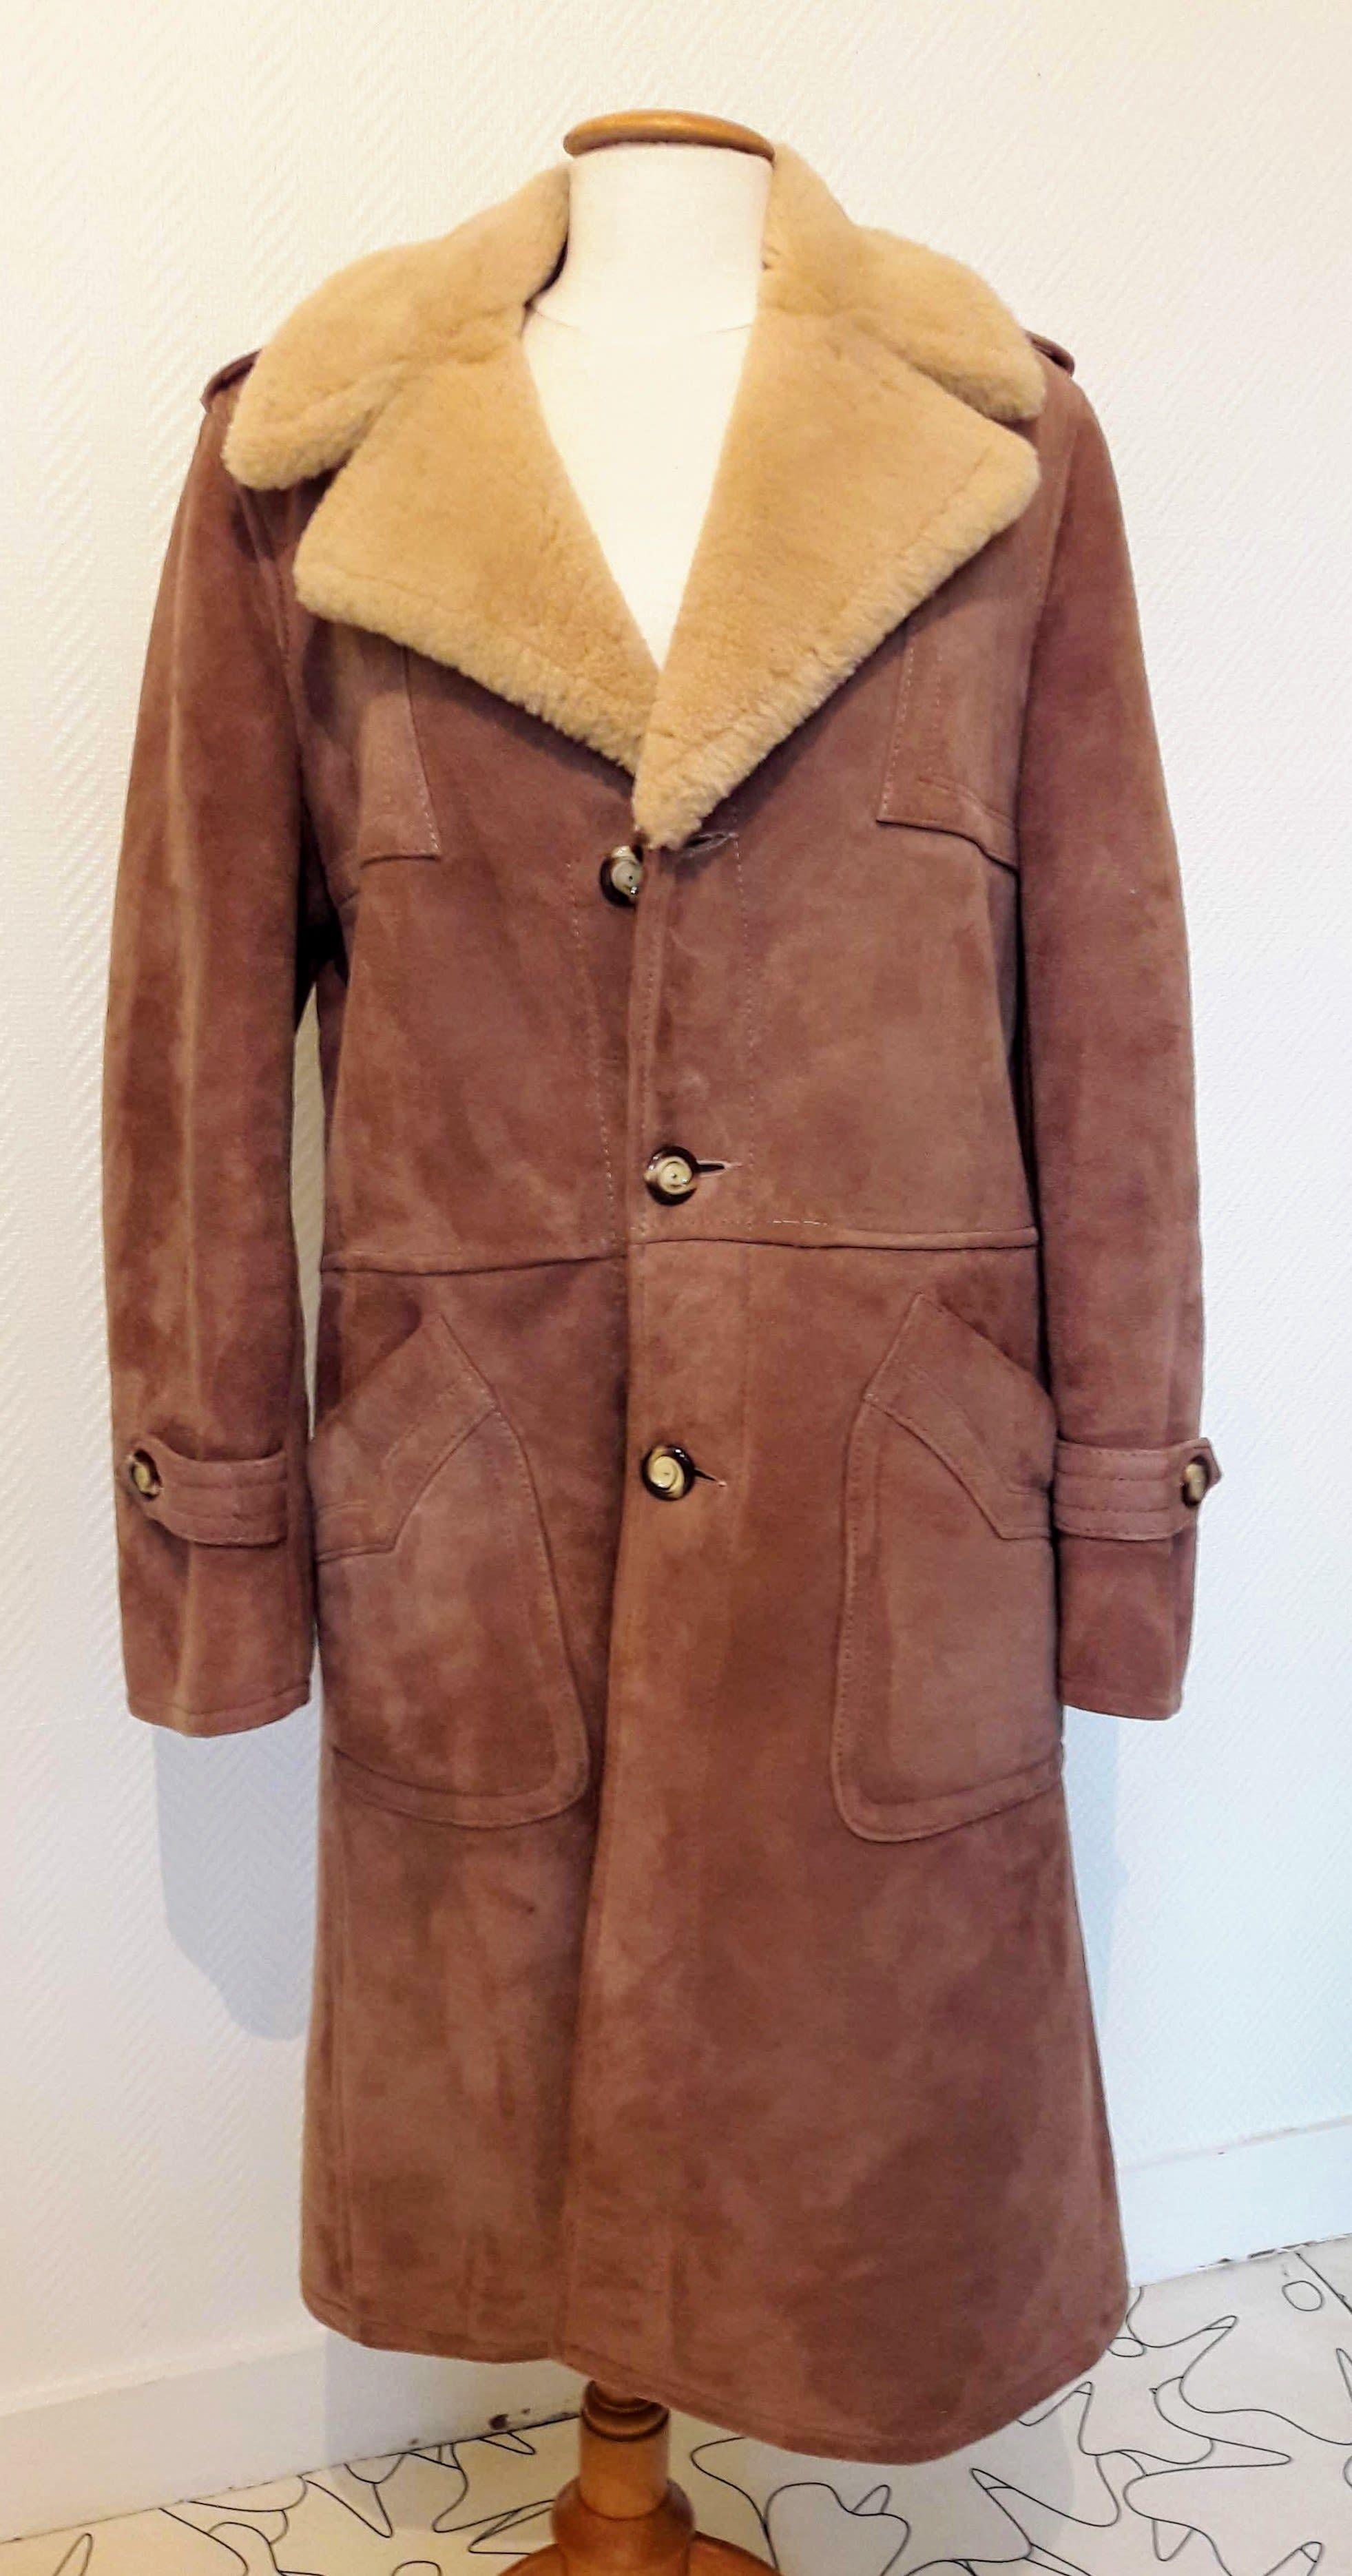 Manteaux - Manteau en peau lainée